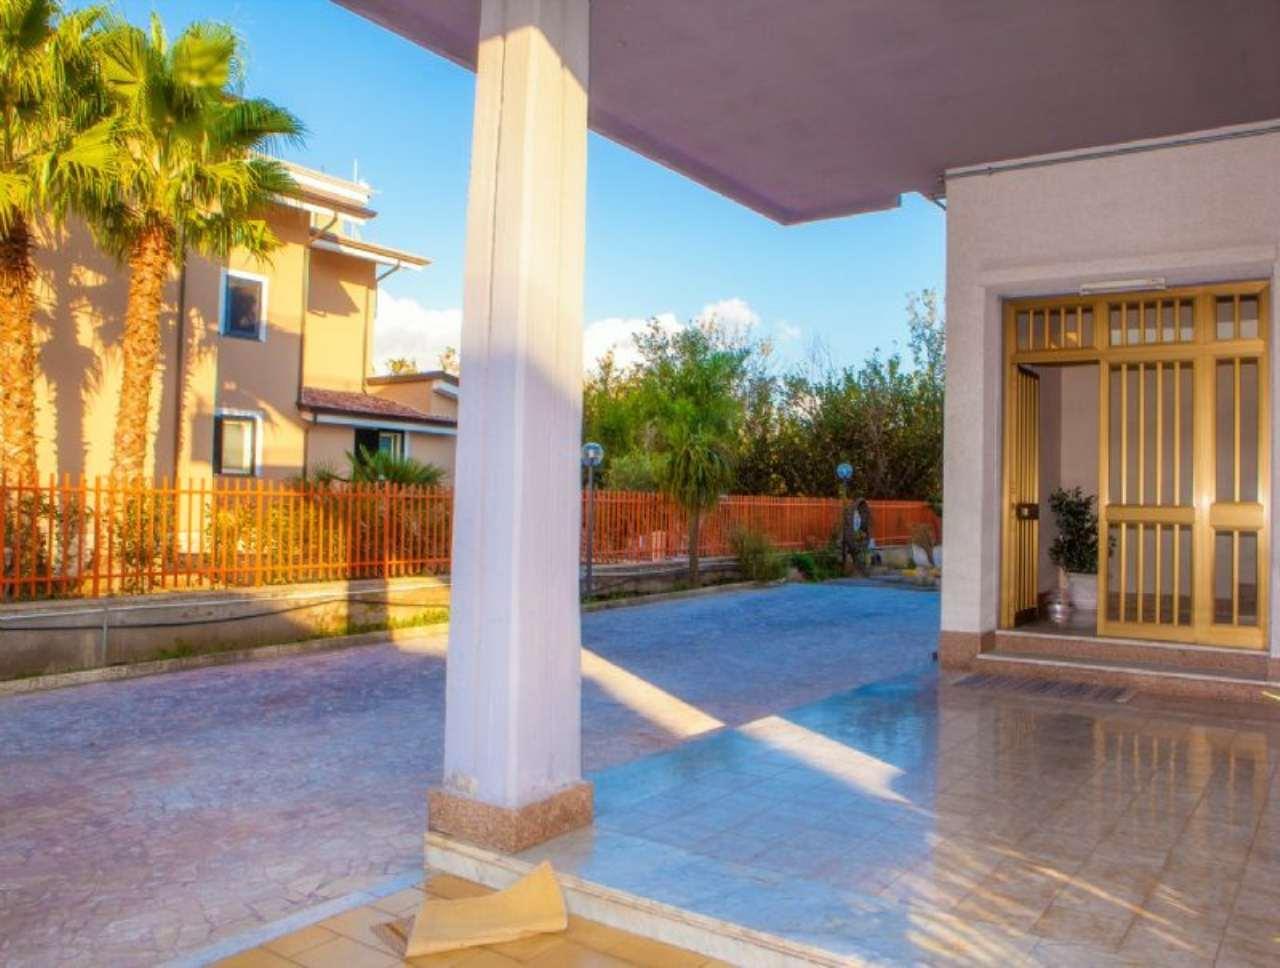 Appartamento in vendita a Saviano, 5 locali, prezzo € 149.000 | Cambio Casa.it